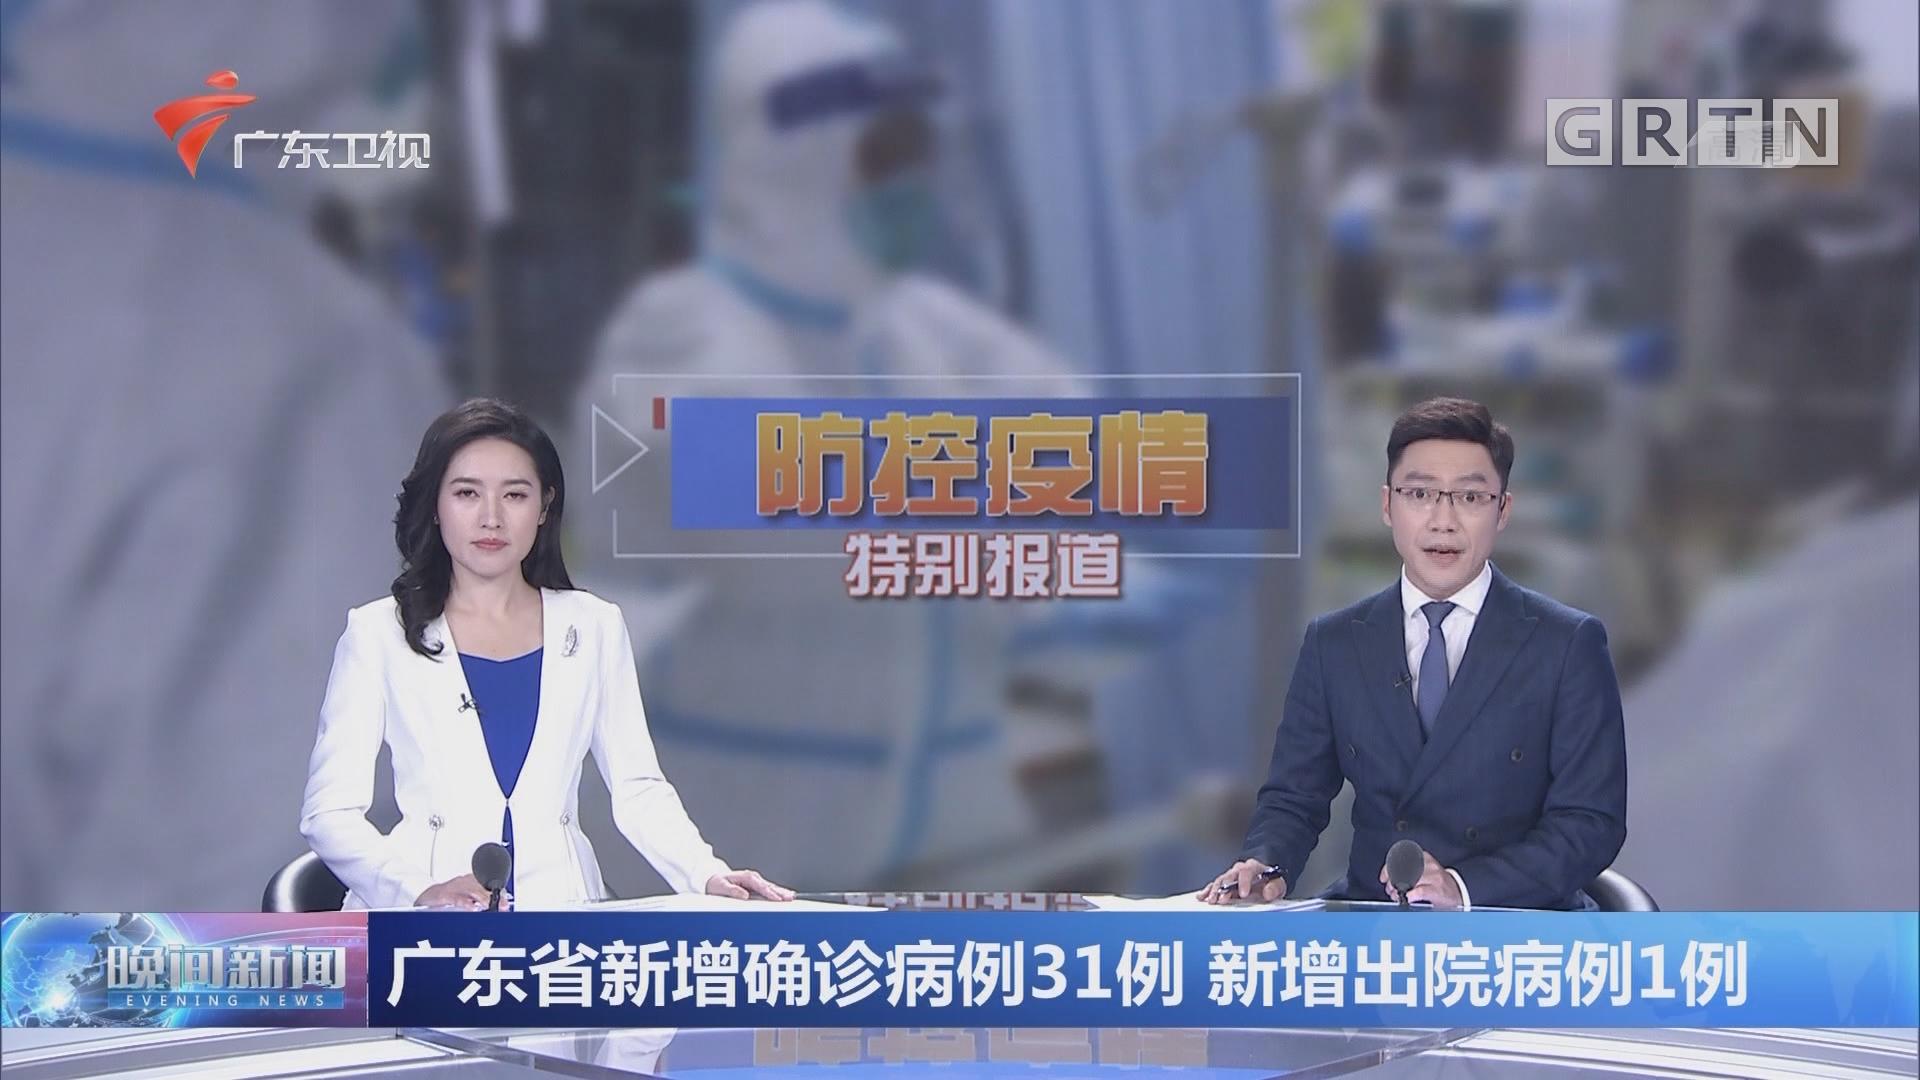 广东省新增确诊病例31例 新增出院病例1例